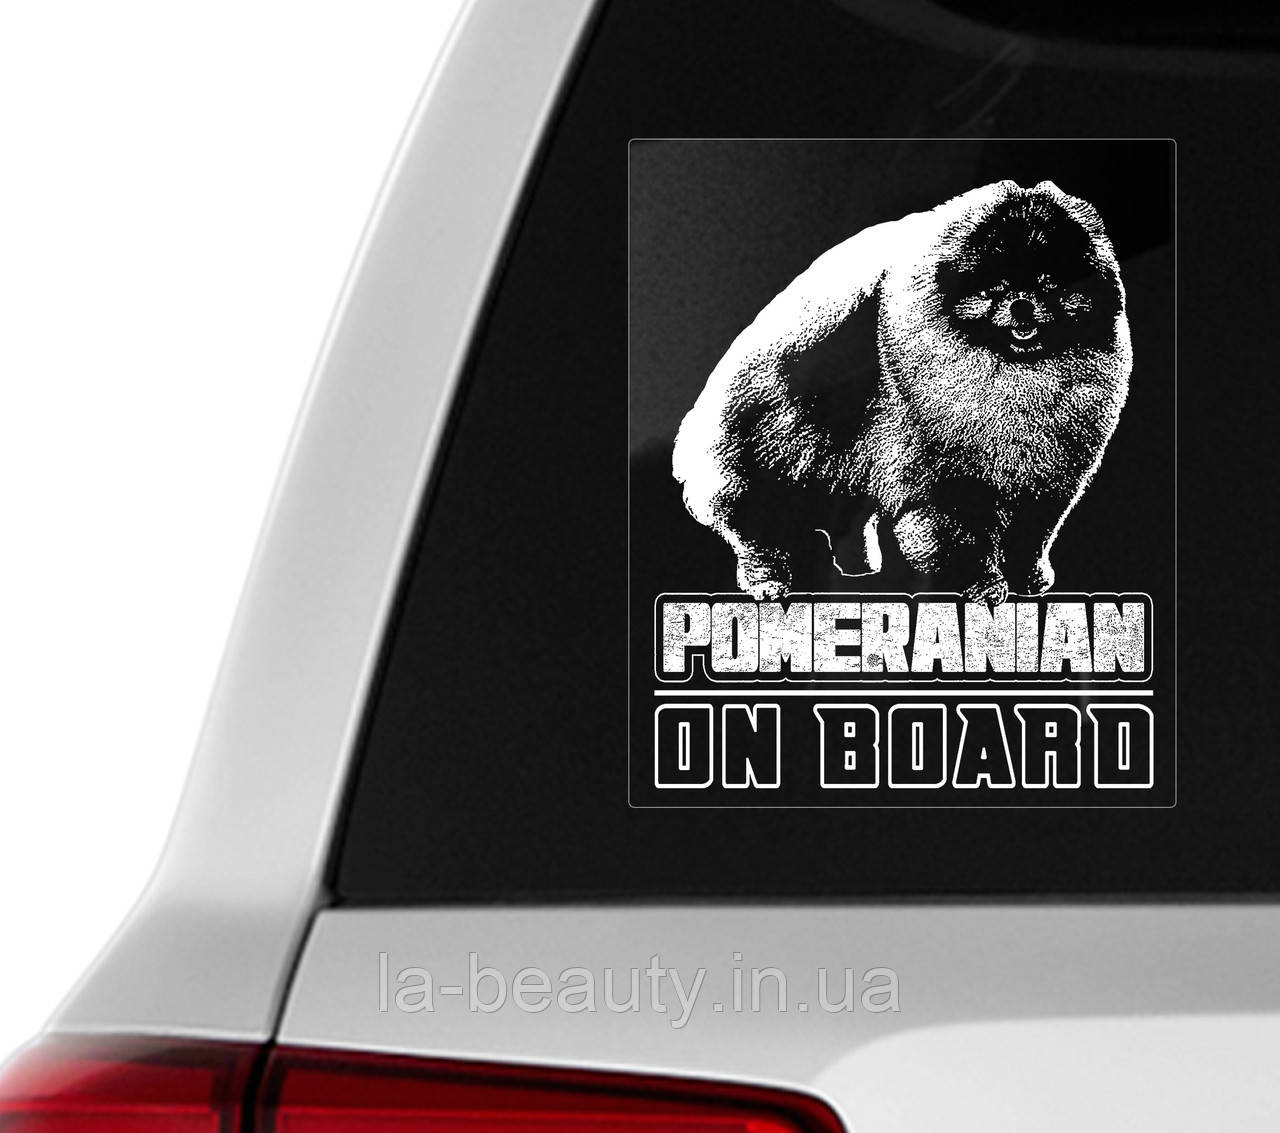 Наклейка на авто / машину Померанский шпиц на борту